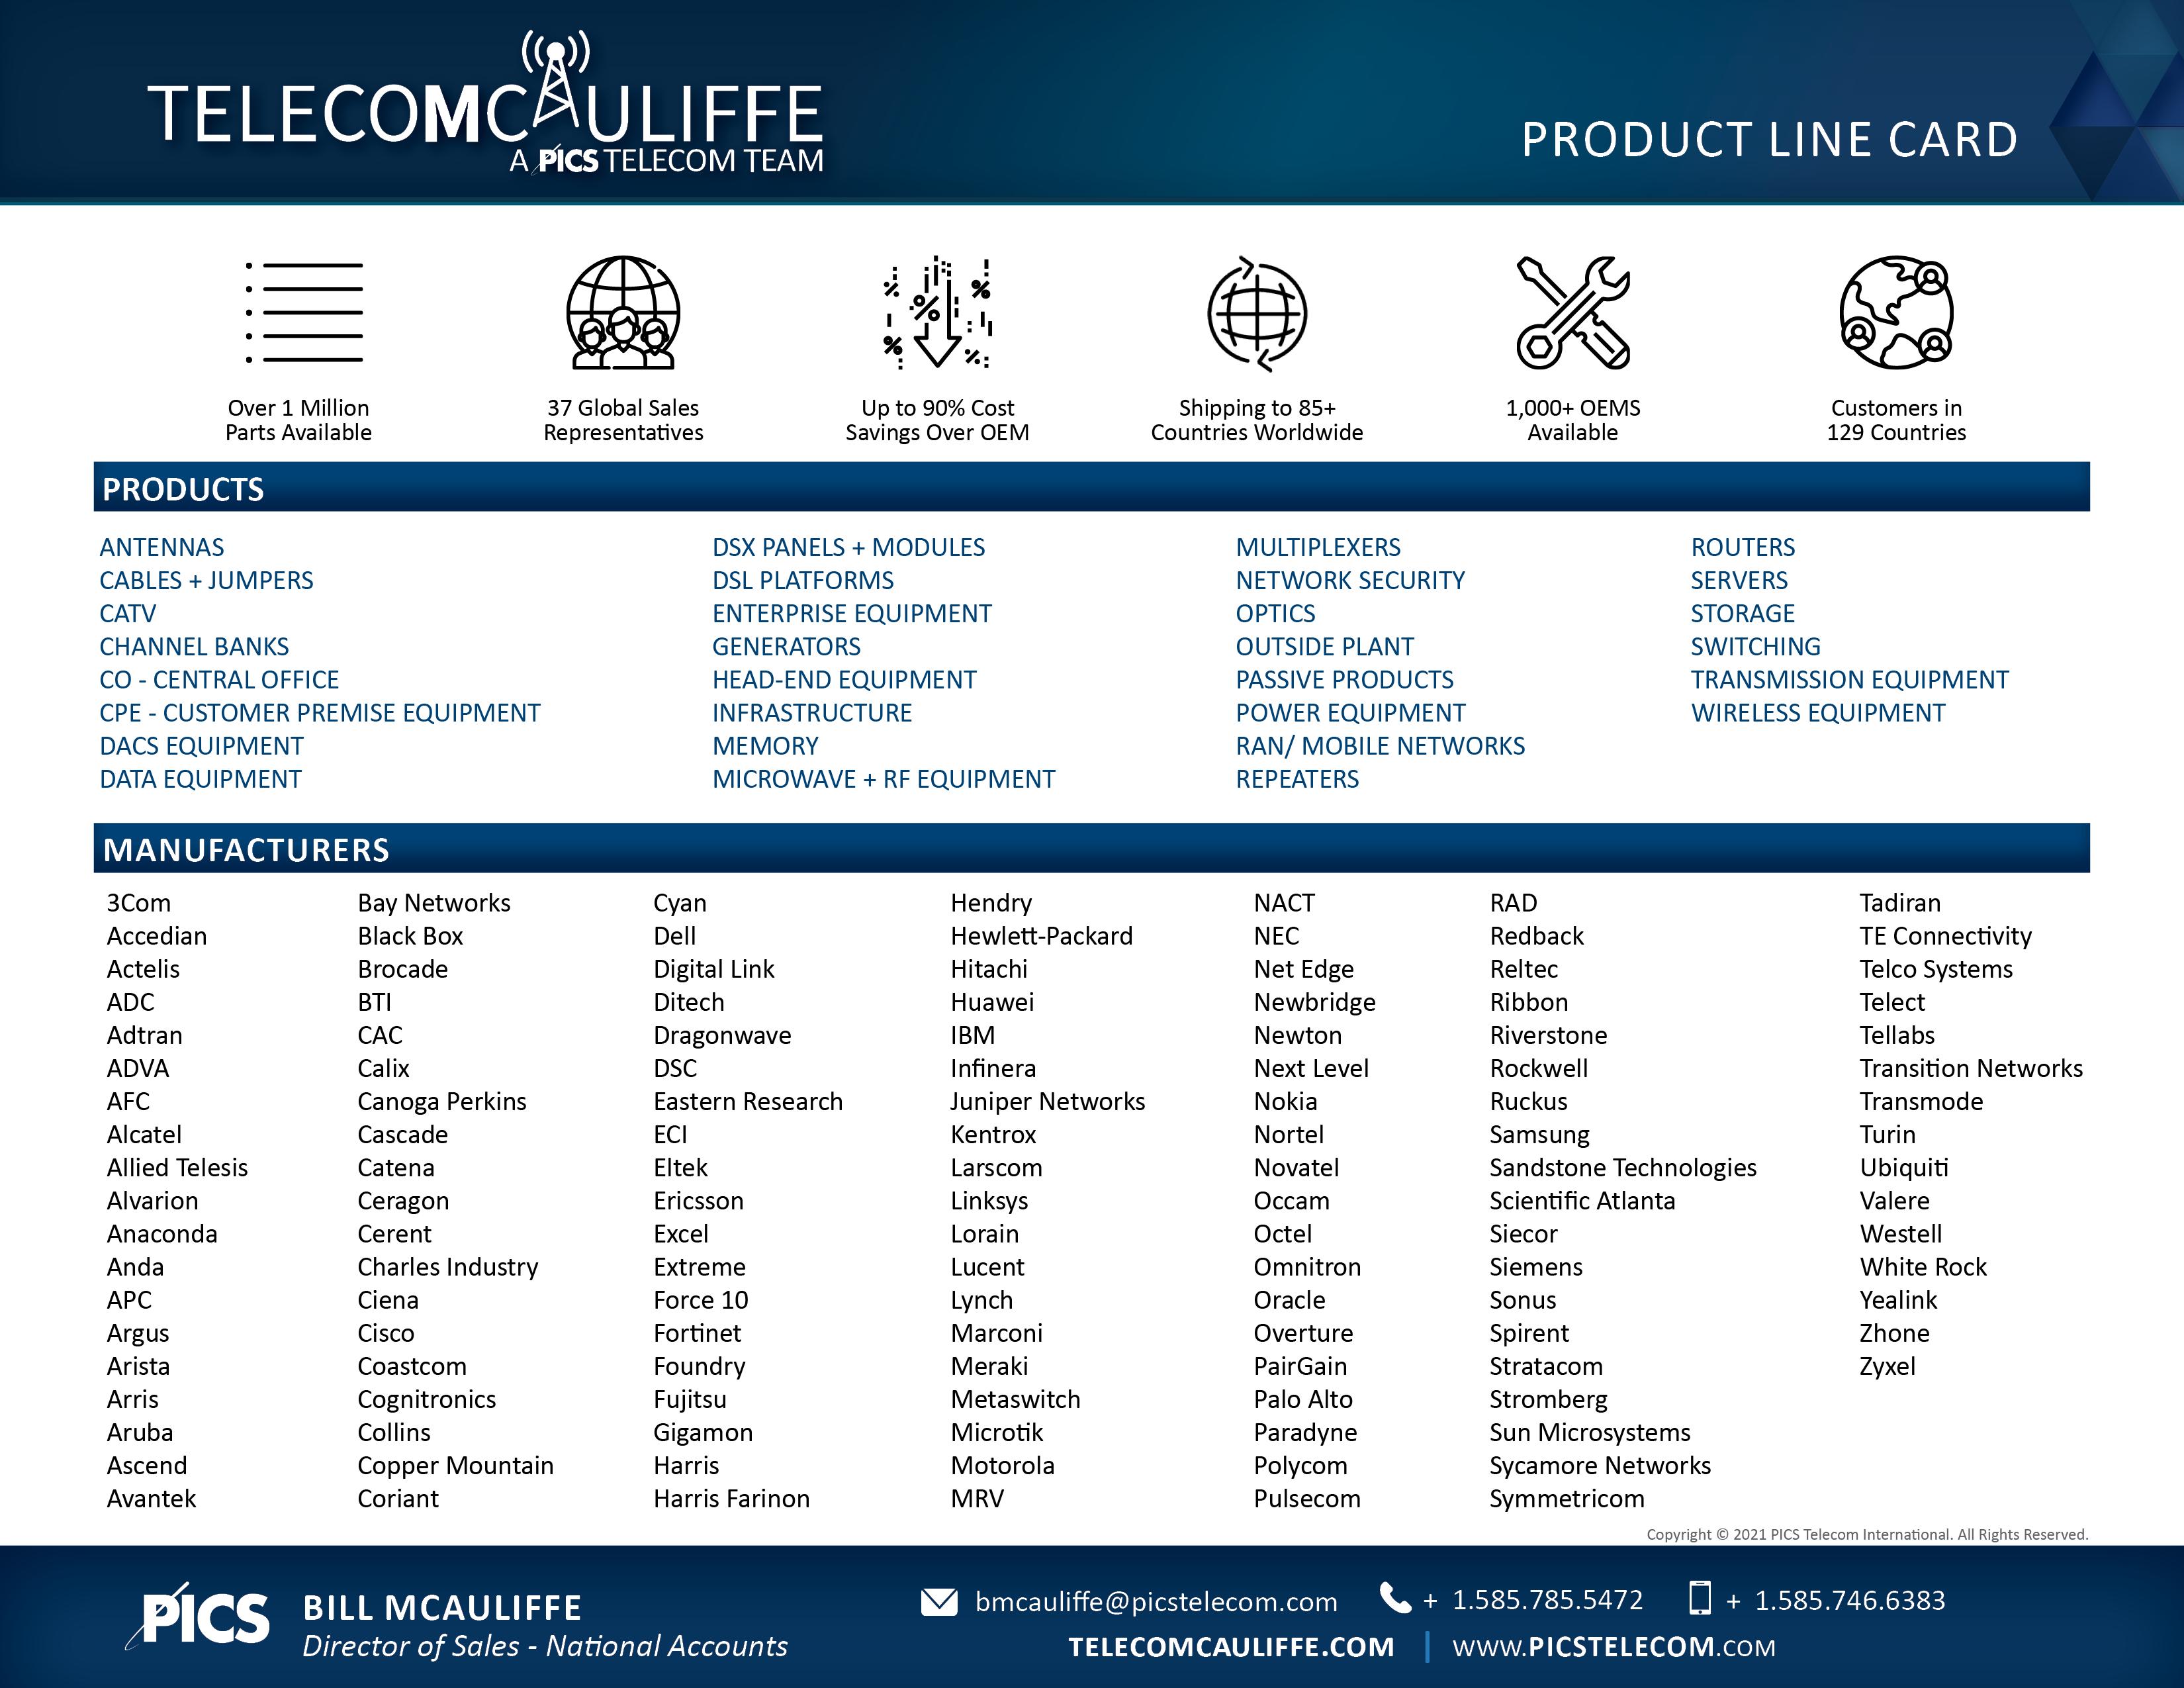 TELCOMCAULIFFE_PICS_Telecom_Linecard-2021